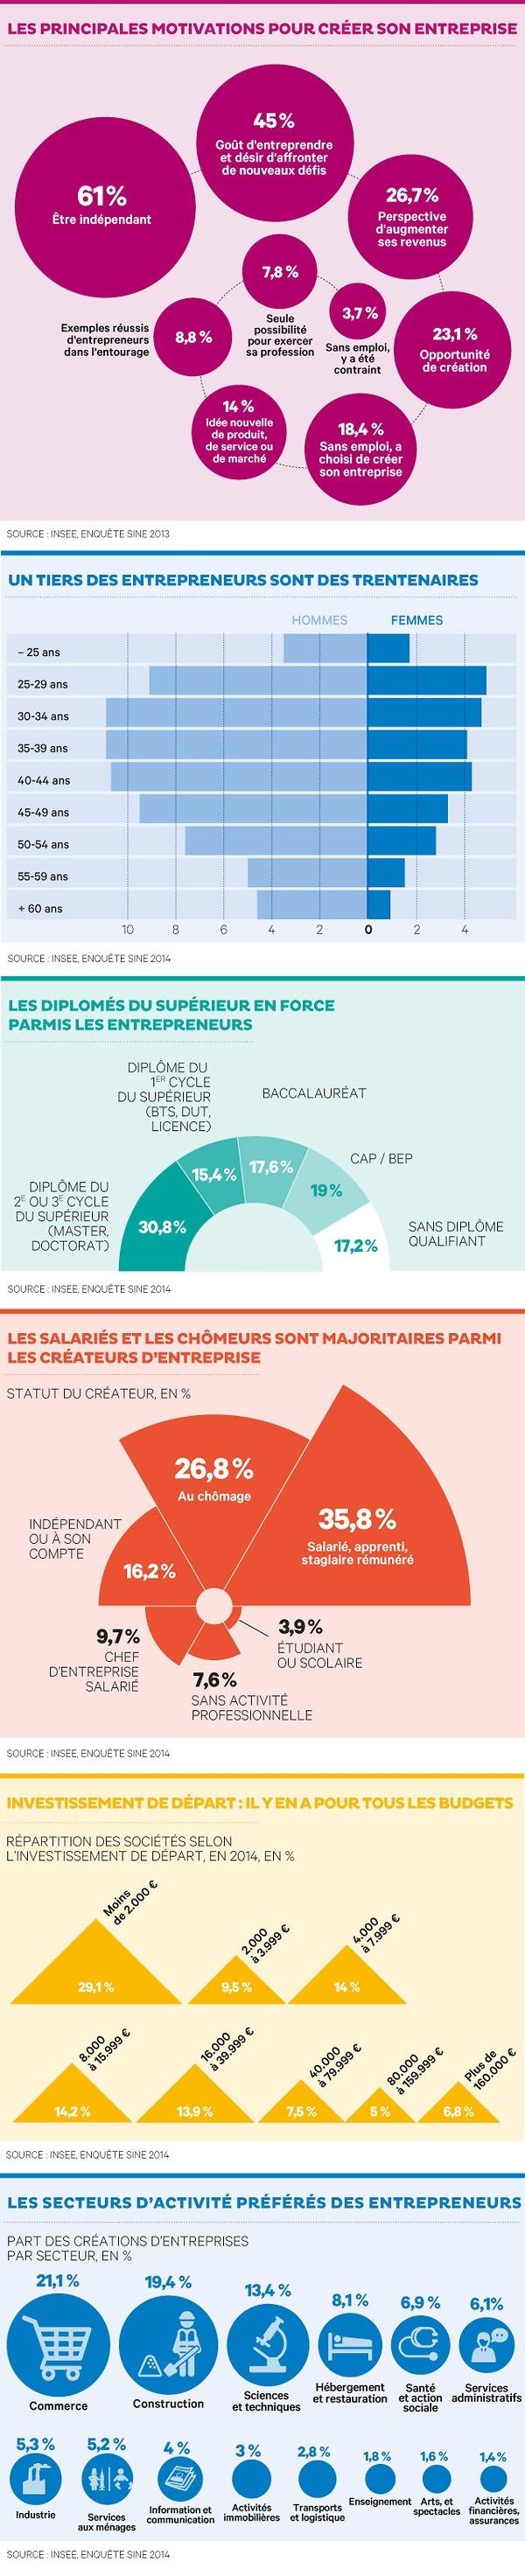 caractéristiques des entrepreneurs français